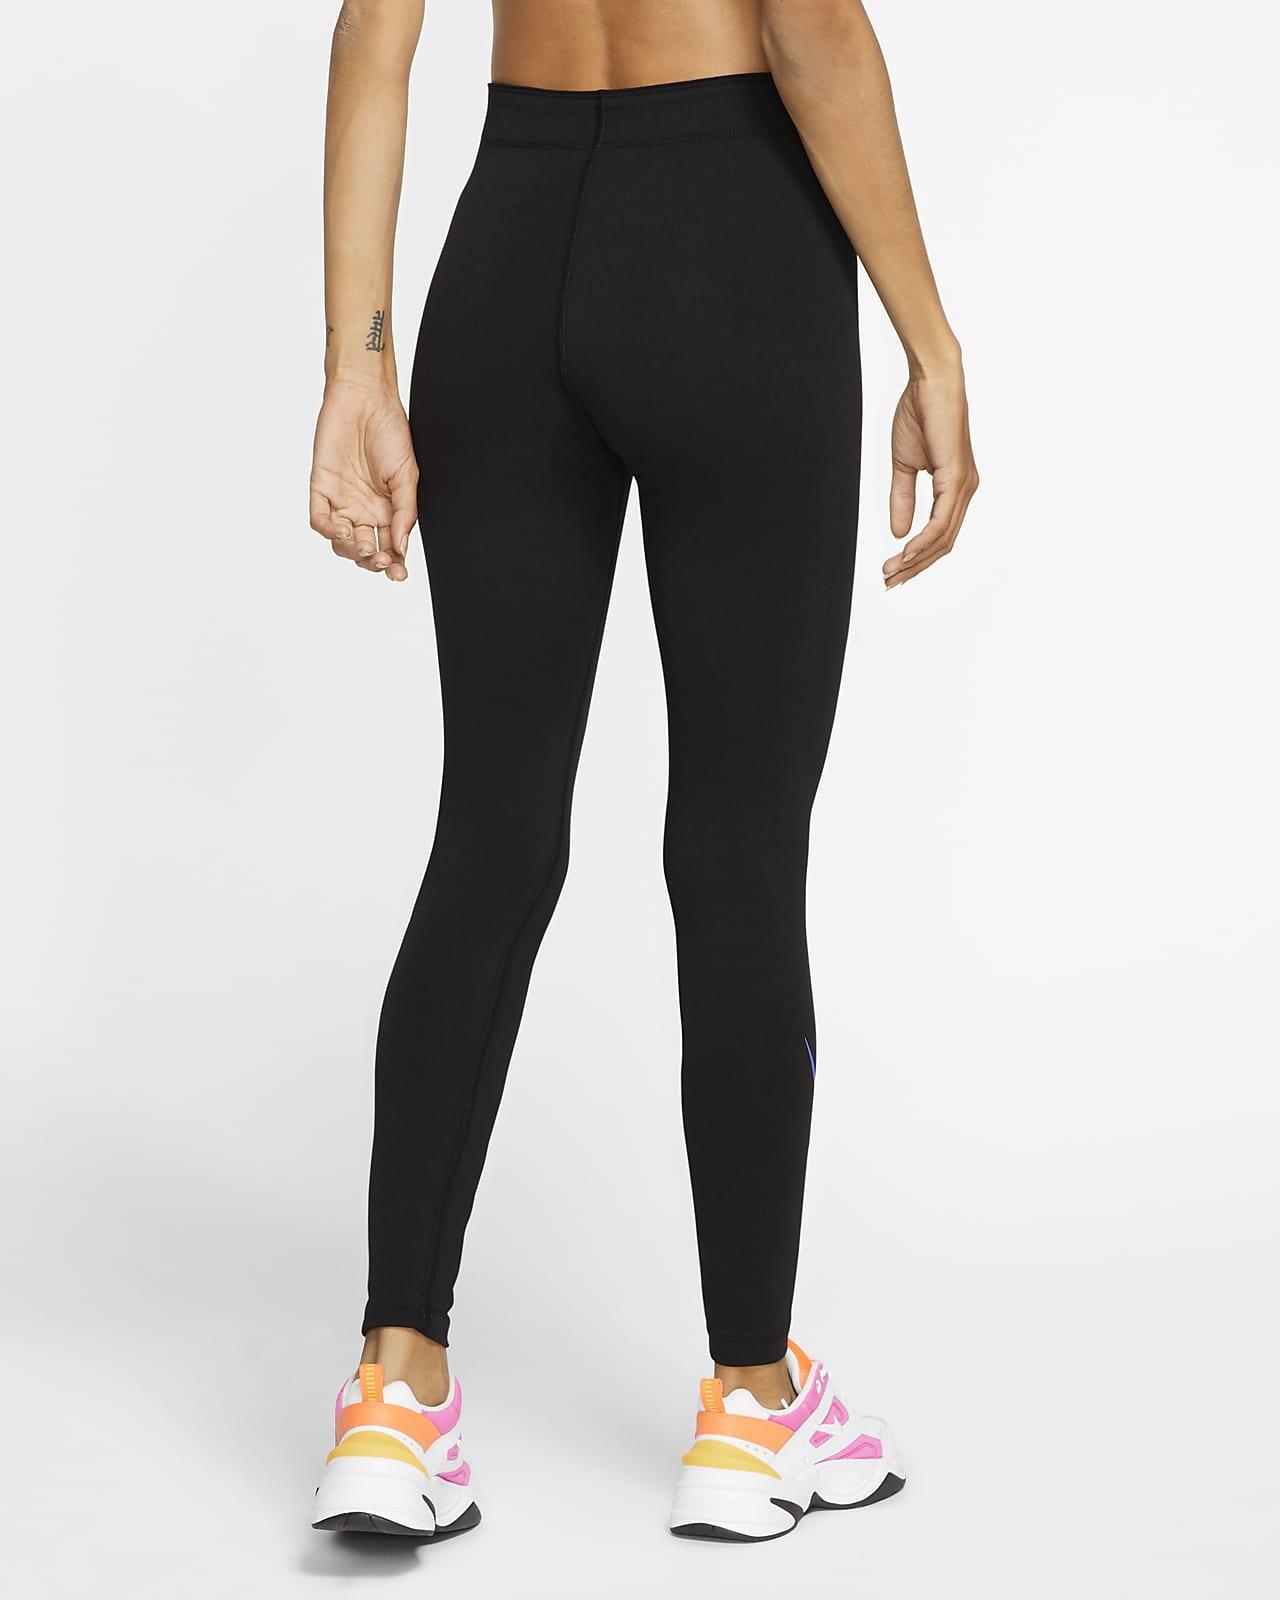 Nike Sportswear Leg-A-See Swoosh Women